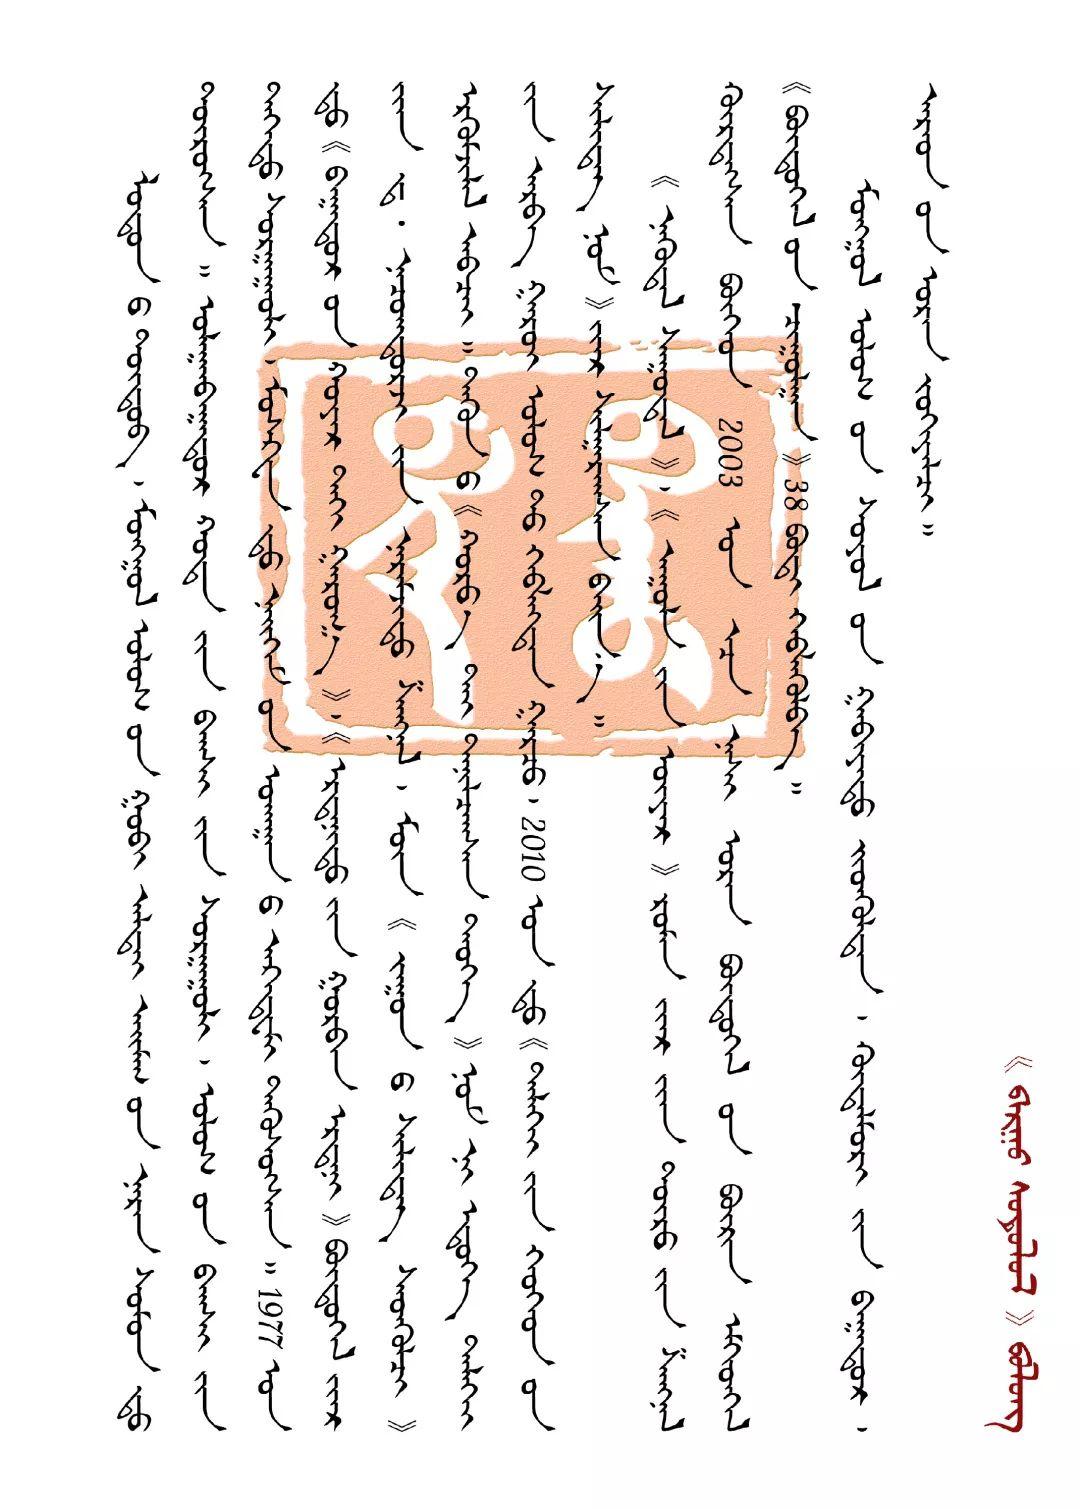 巴尔虎研究 【第三期】 第2张 巴尔虎研究 【第三期】 蒙古文化